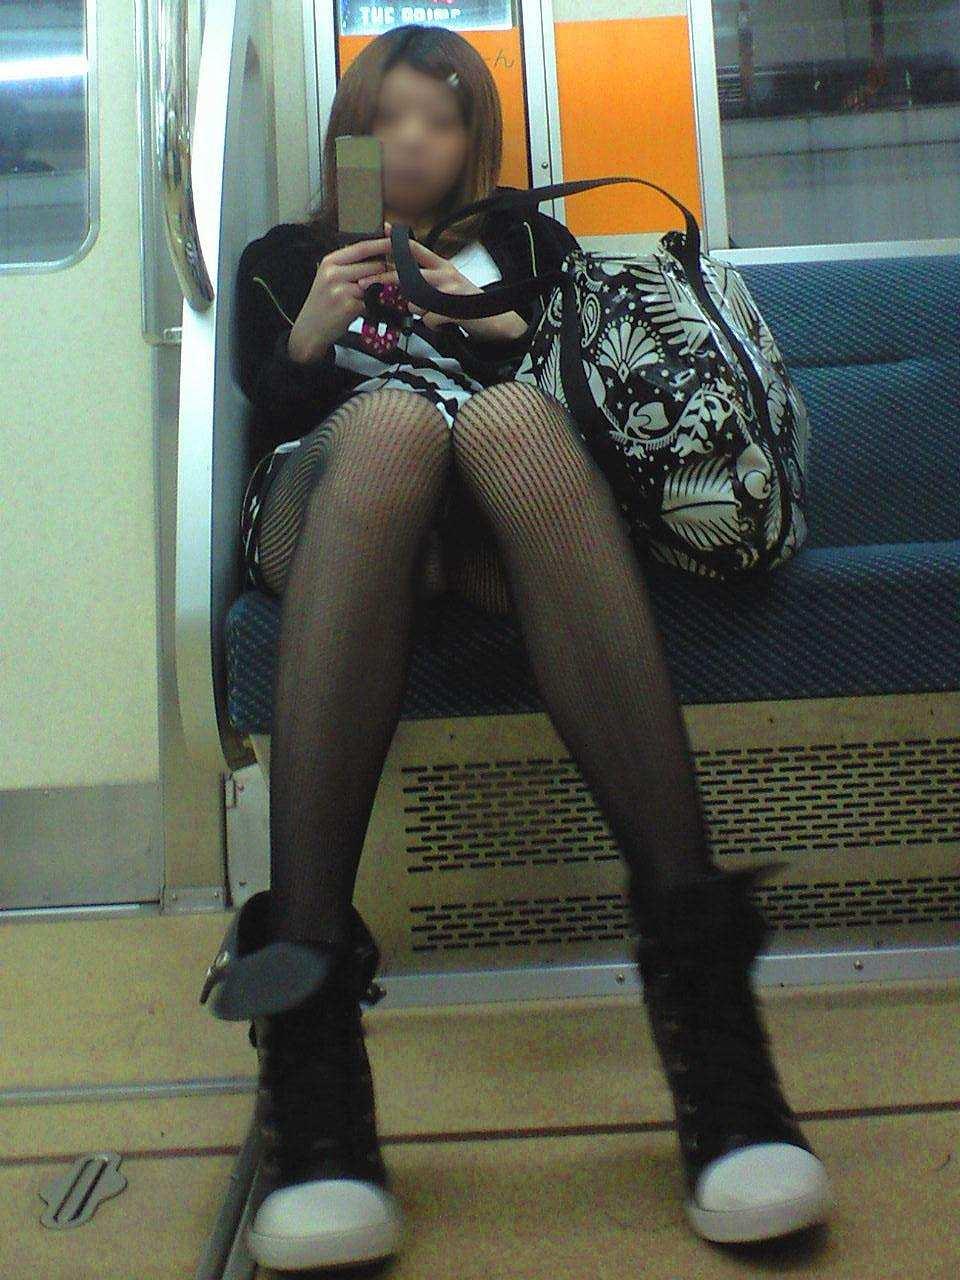 【パンチラエロ画像】長く乗って先に降りて欲しい電車内対面パンチラwww 12